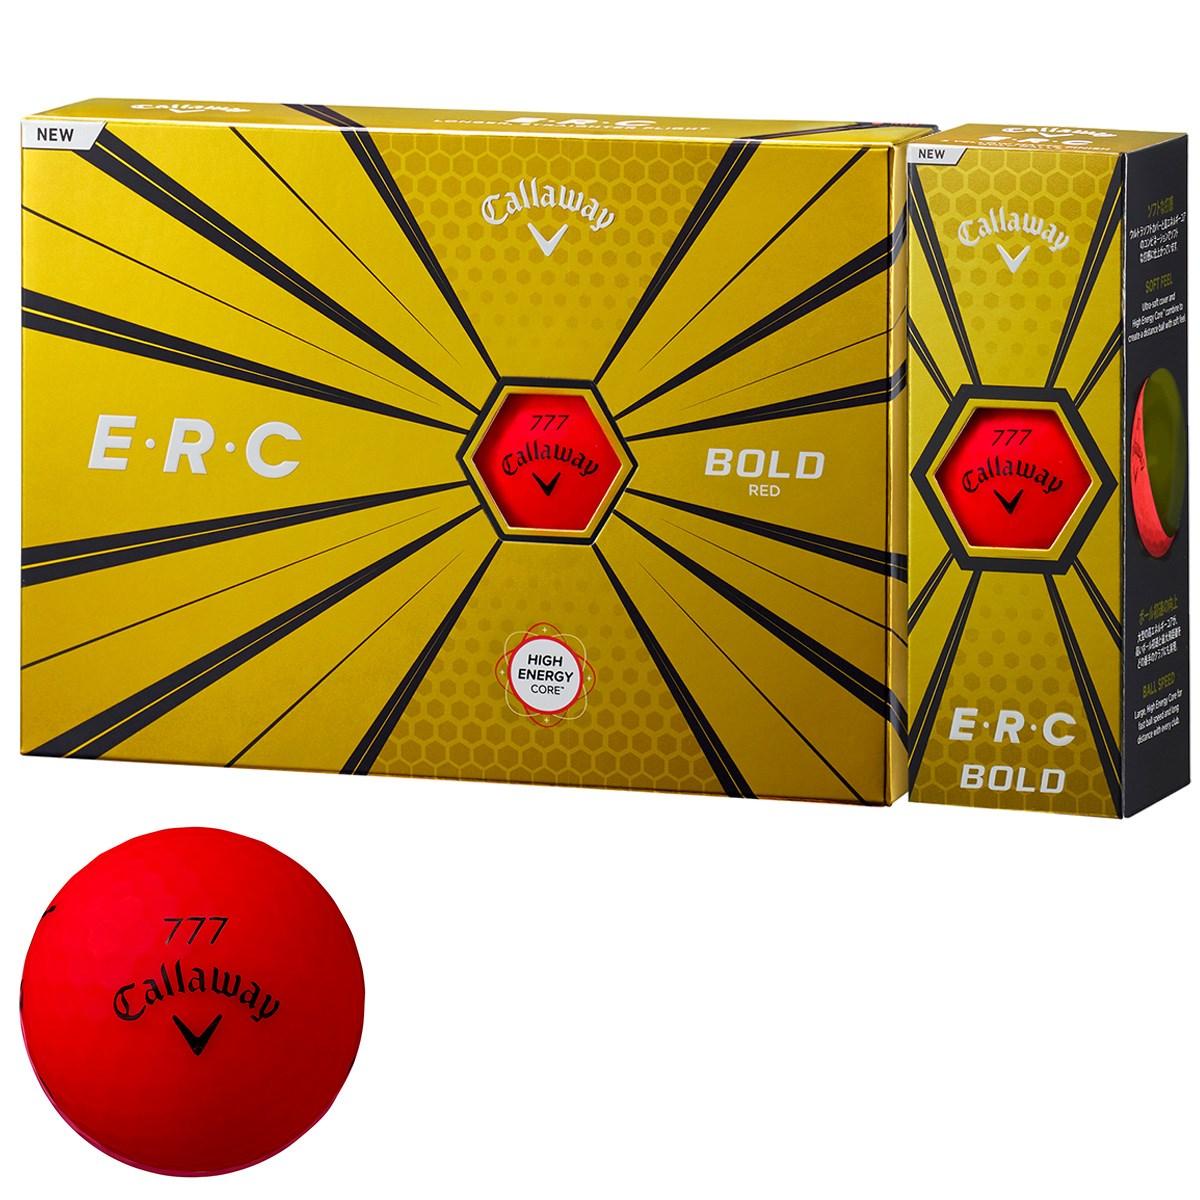 キャロウェイゴルフ E・R・C ERC 19 ボール 1ダース(12個入り) ボールドレッド